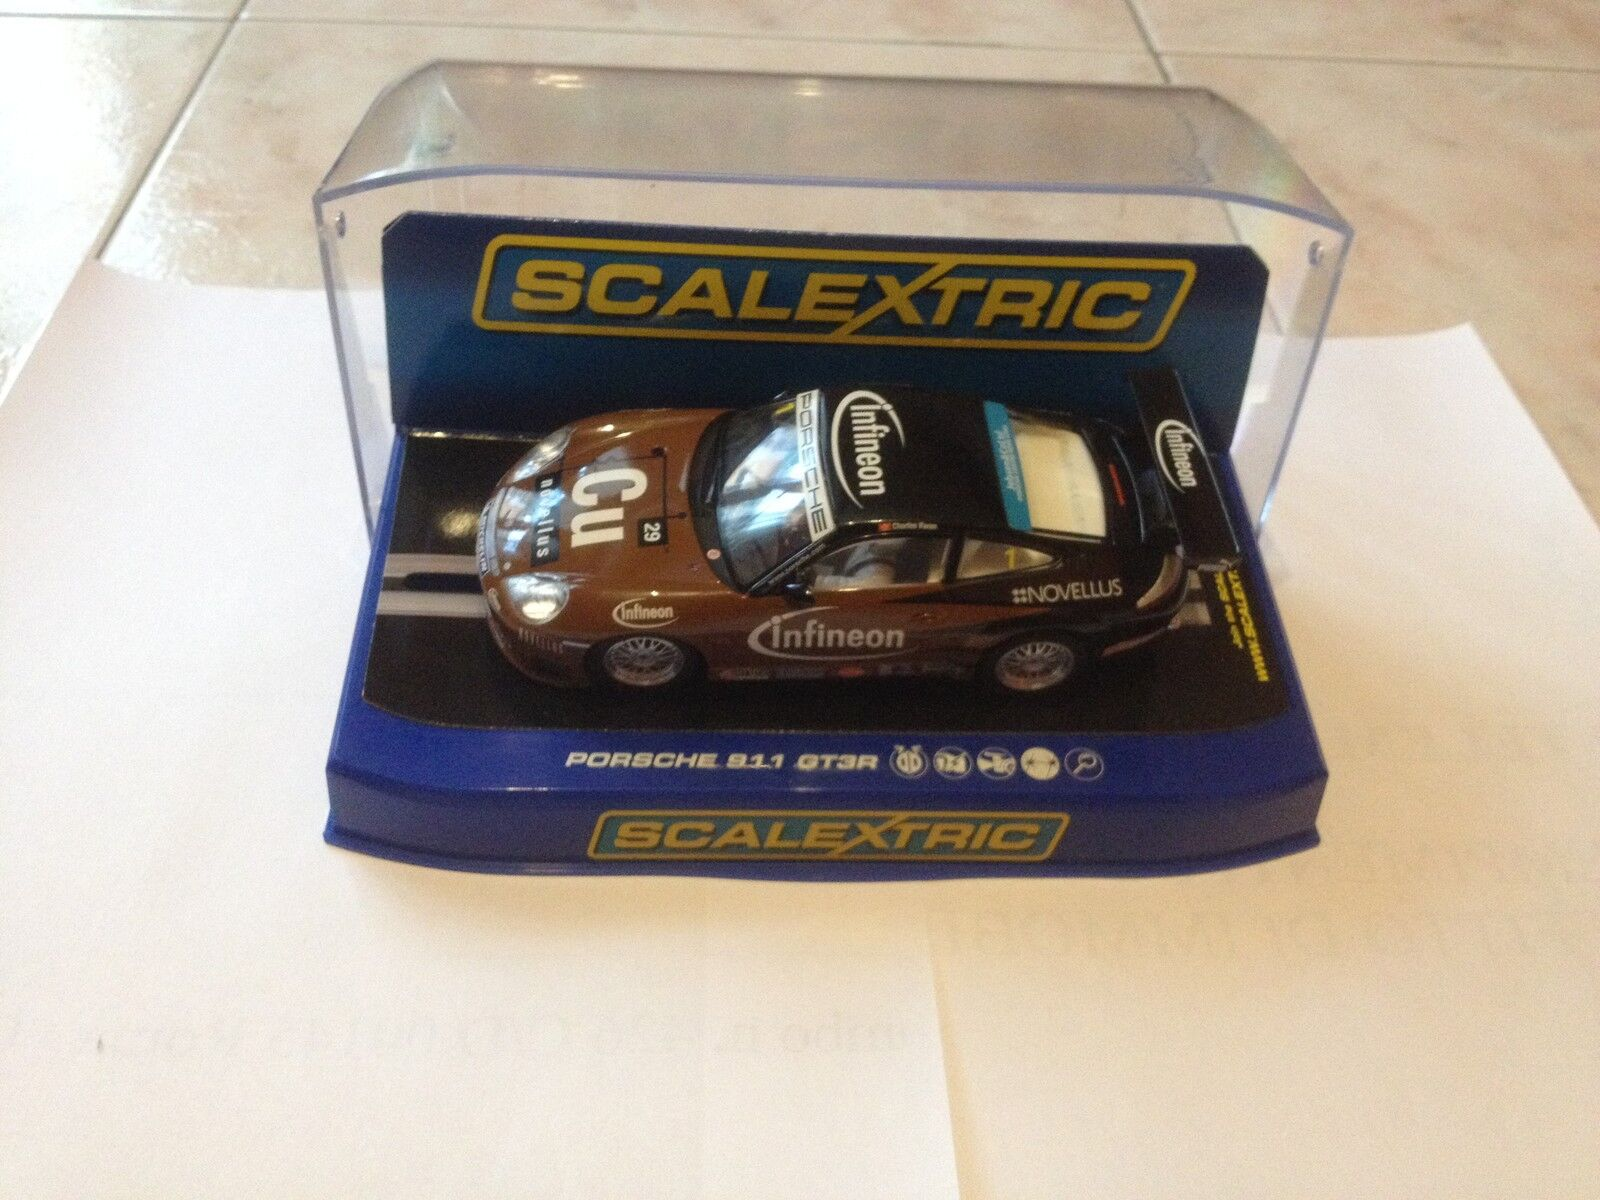 SCALEXTRIC PORSCHE 997 GT3 INFINEON 1 32